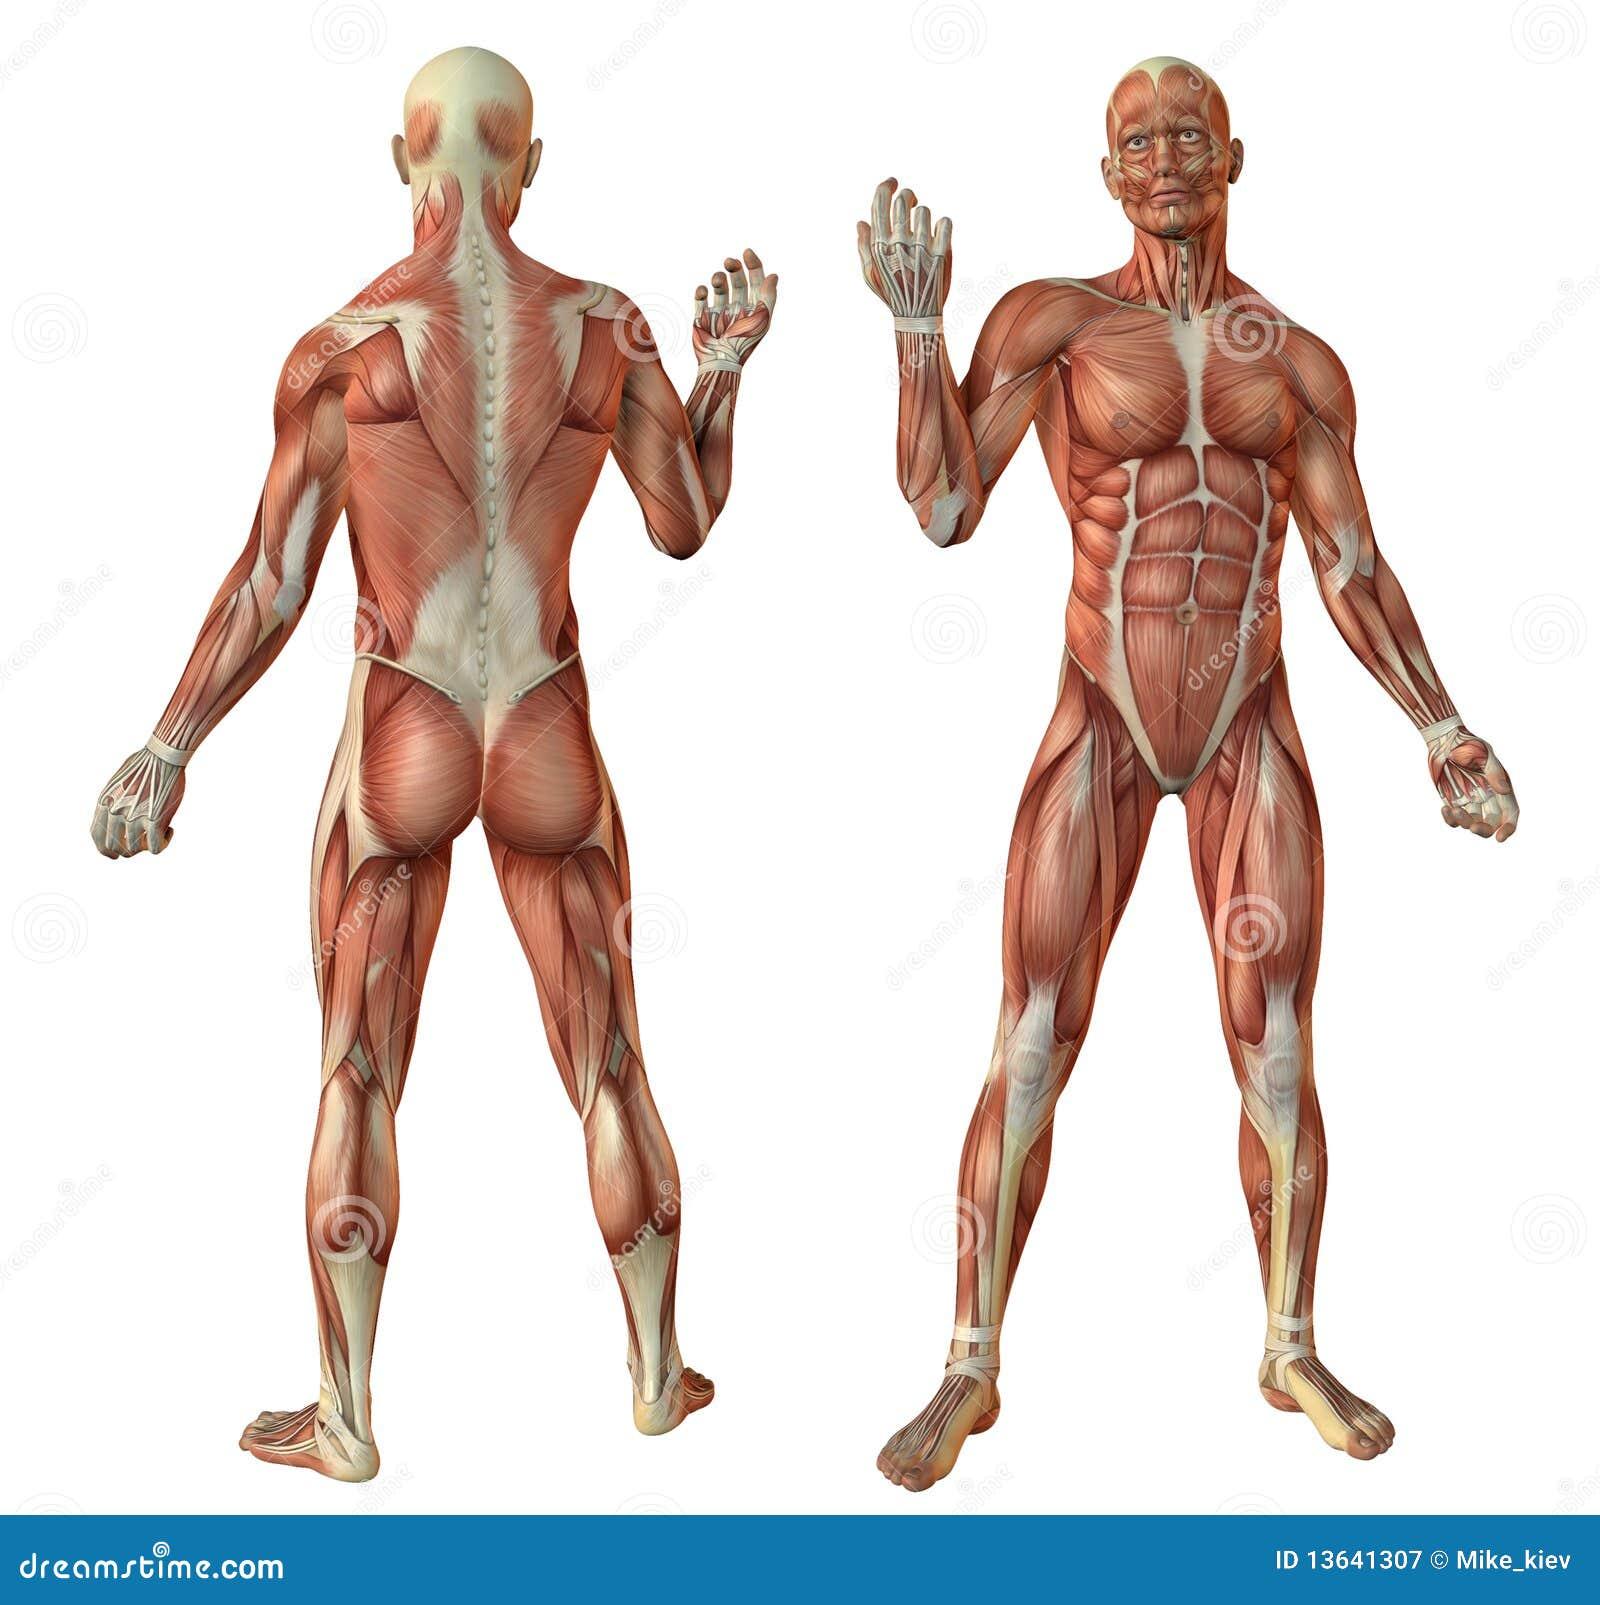 Ziemlich Full Body Muscle Anatomy Zeitgenössisch - Menschliche ...